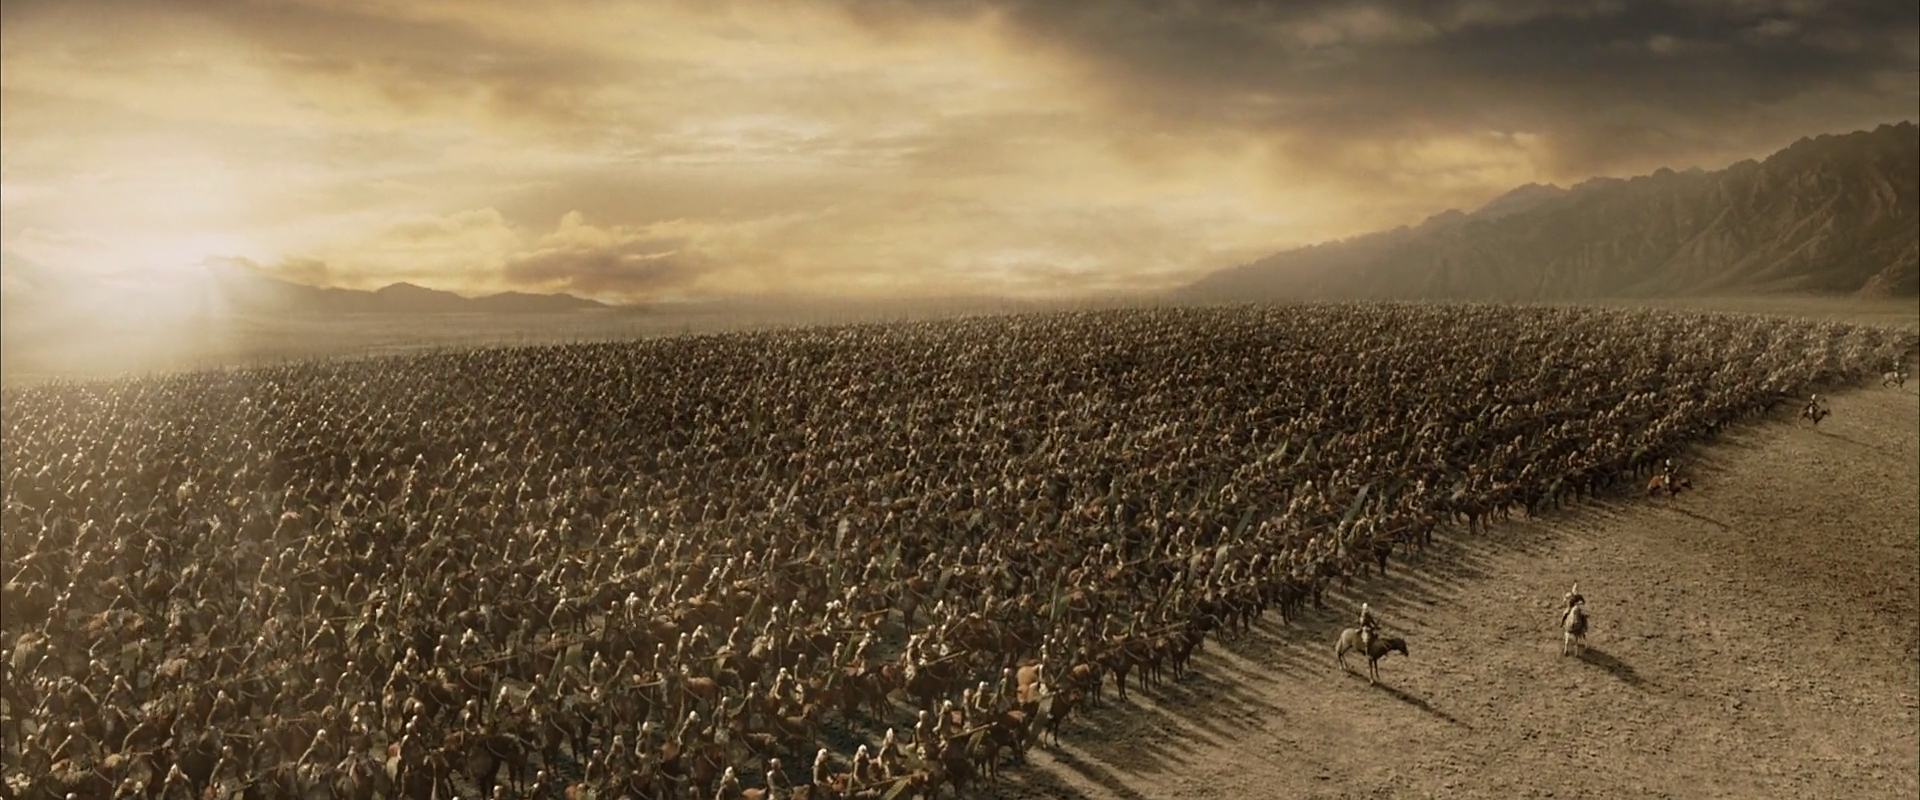 Preparing for Battle of Pelennor fields